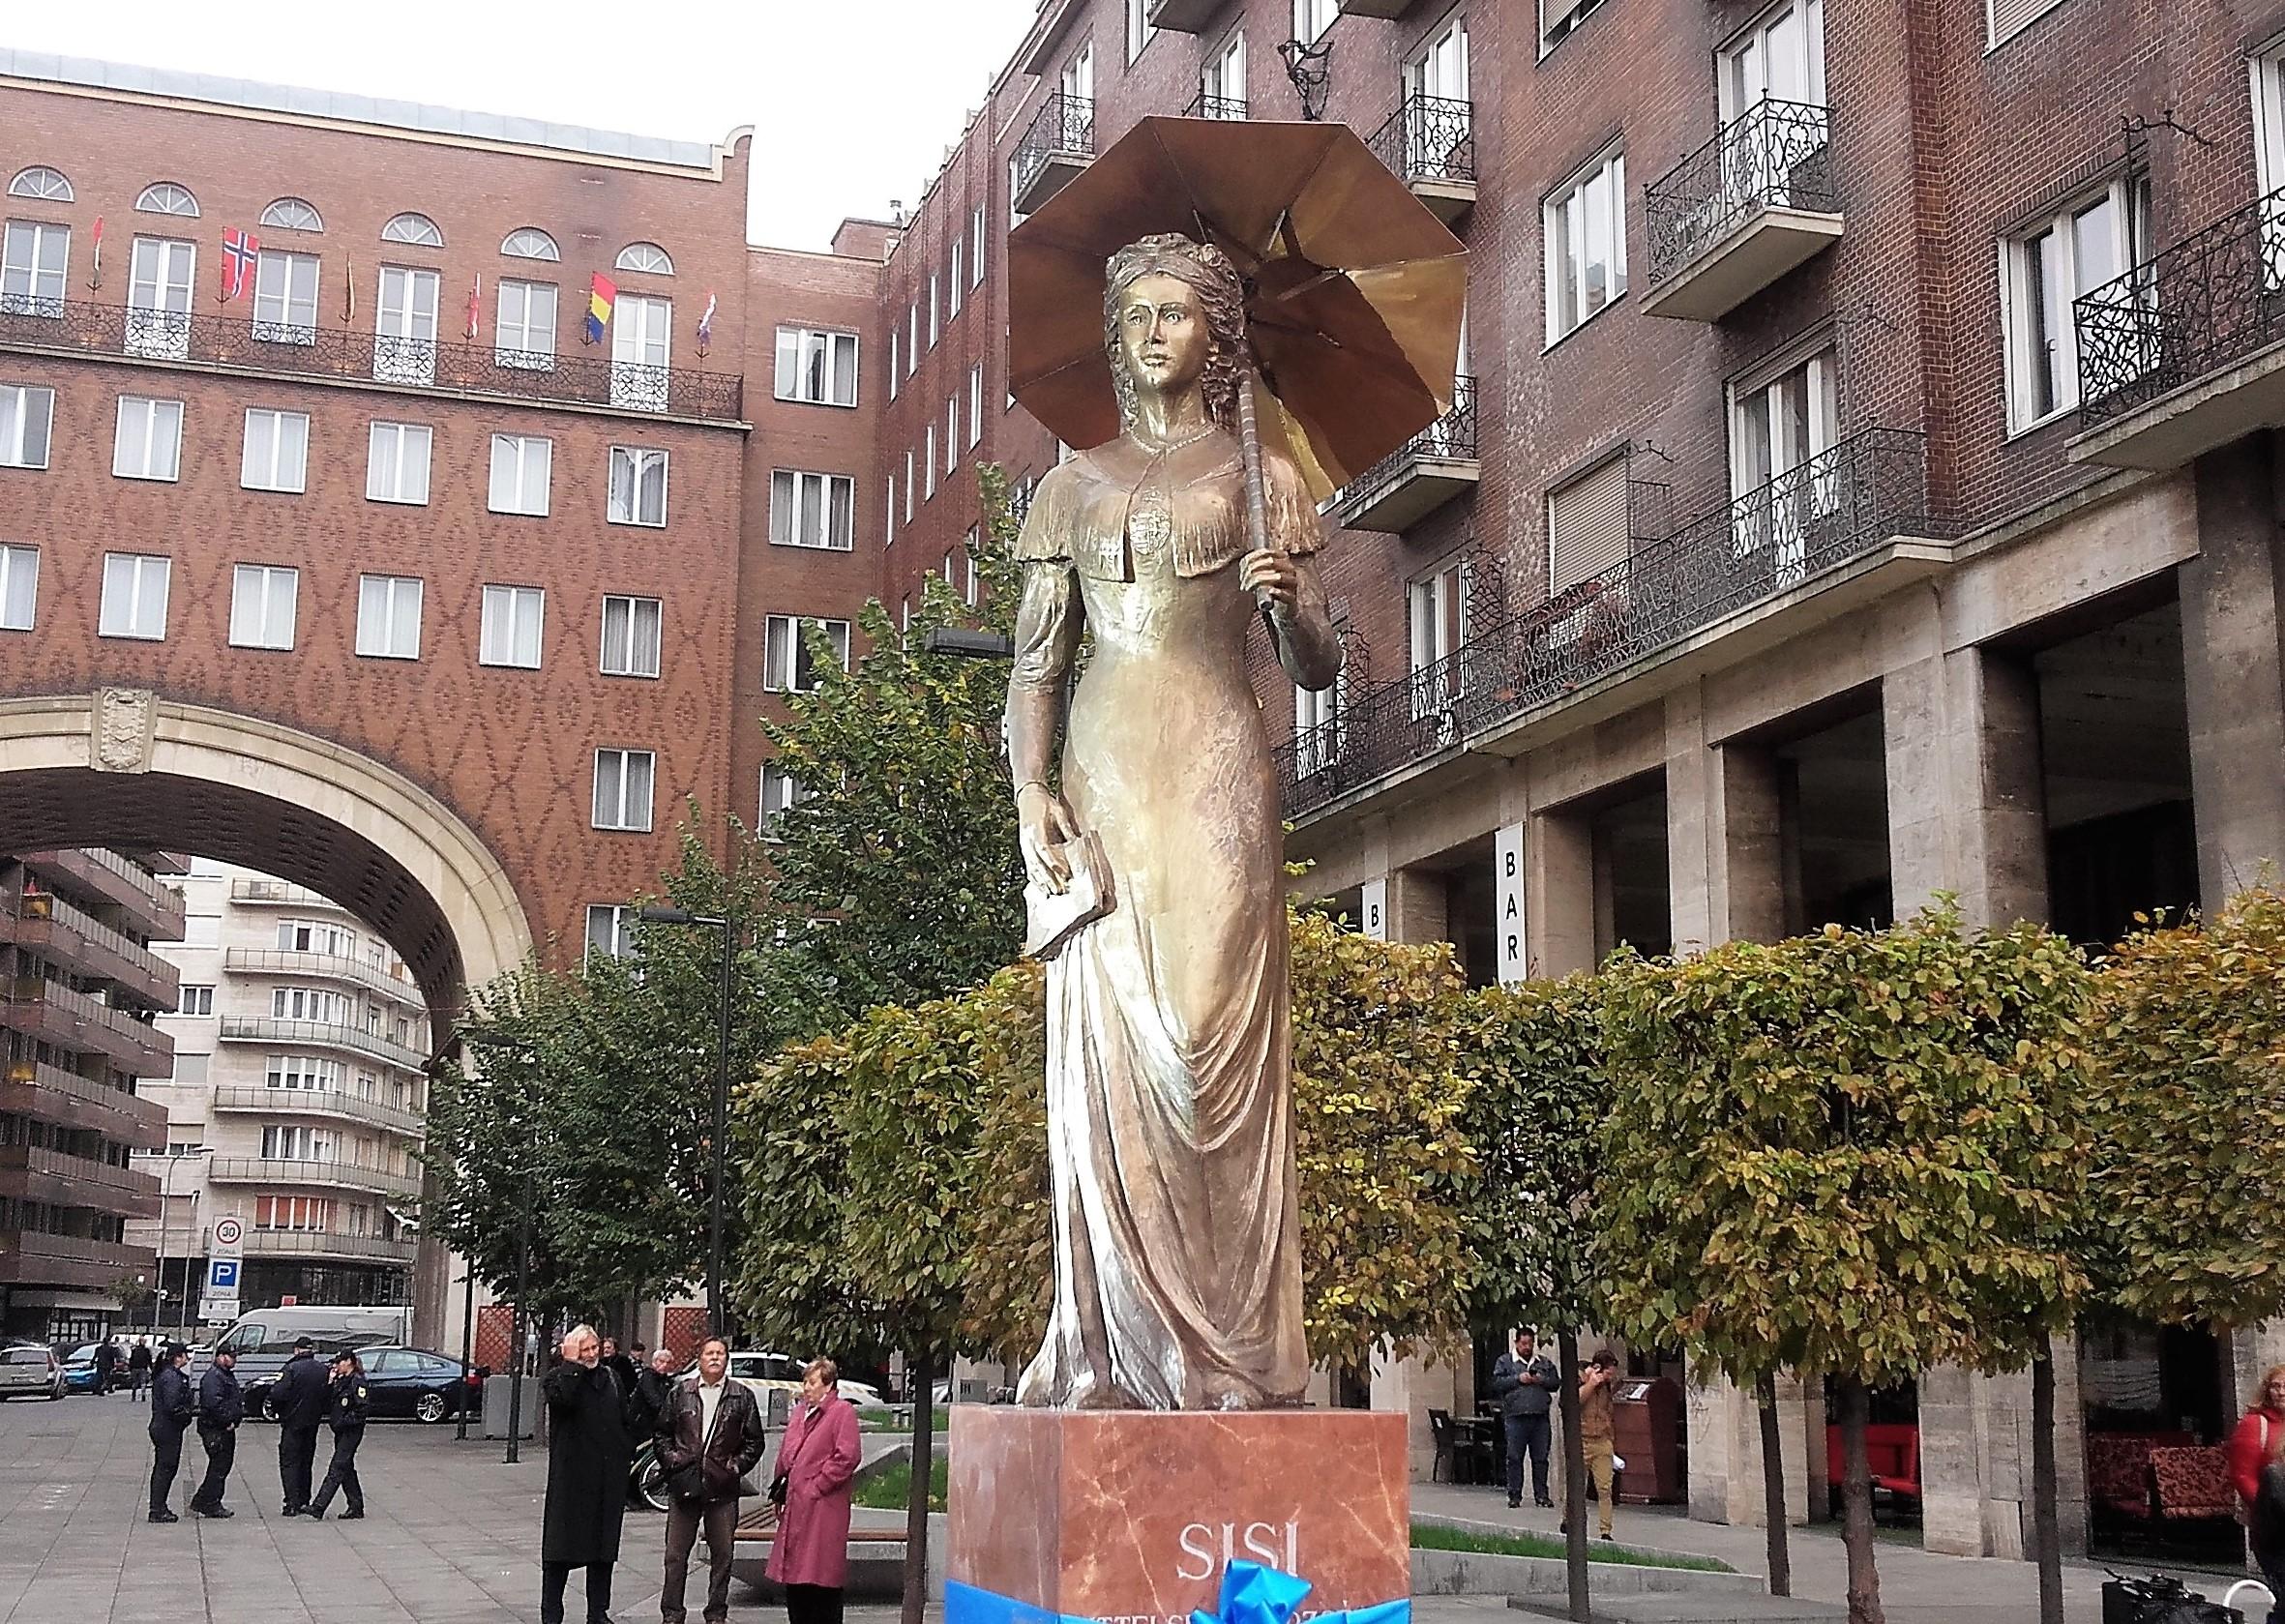 Niedermüllerék eltávolíthatják Erzsébetváros névadójának szobrát, aminek a közepén egy magyar címer van